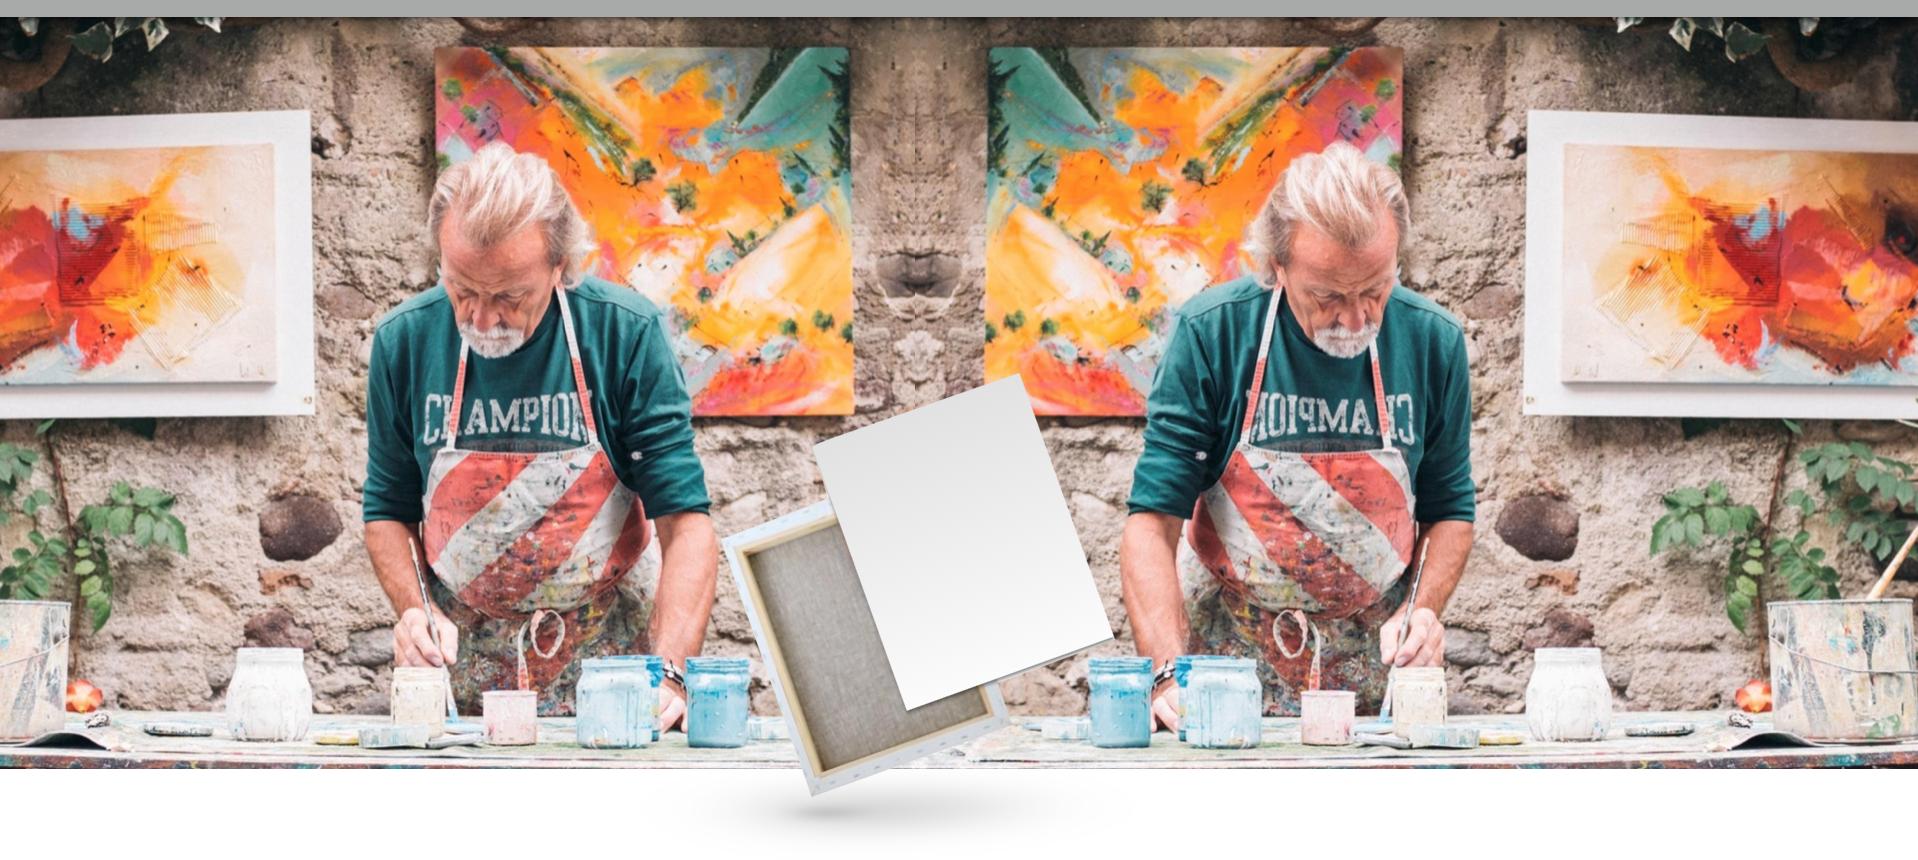 Tele-per-Quadri-da-pitturare-con-Telaio-in-Legno-canvas-